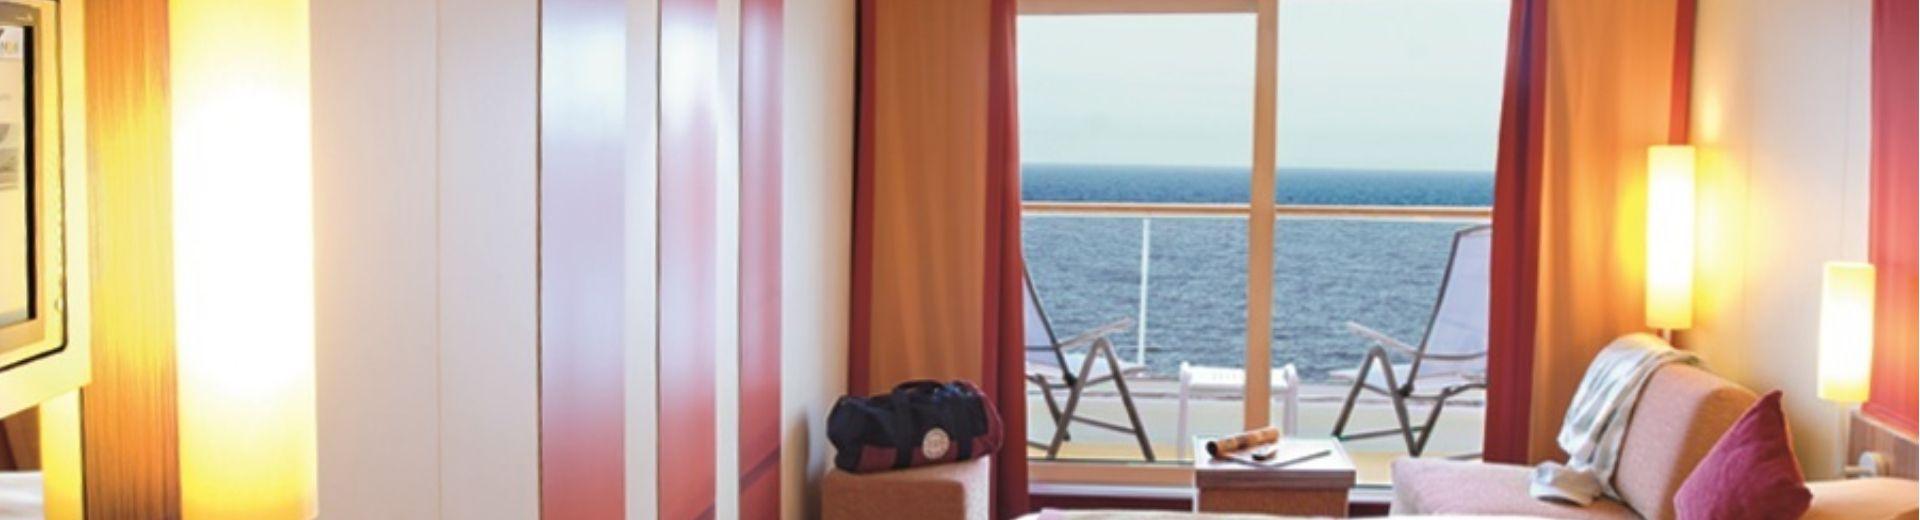 Mittelmeerkreuzfahrt ab Mallorca mit AIDAstella